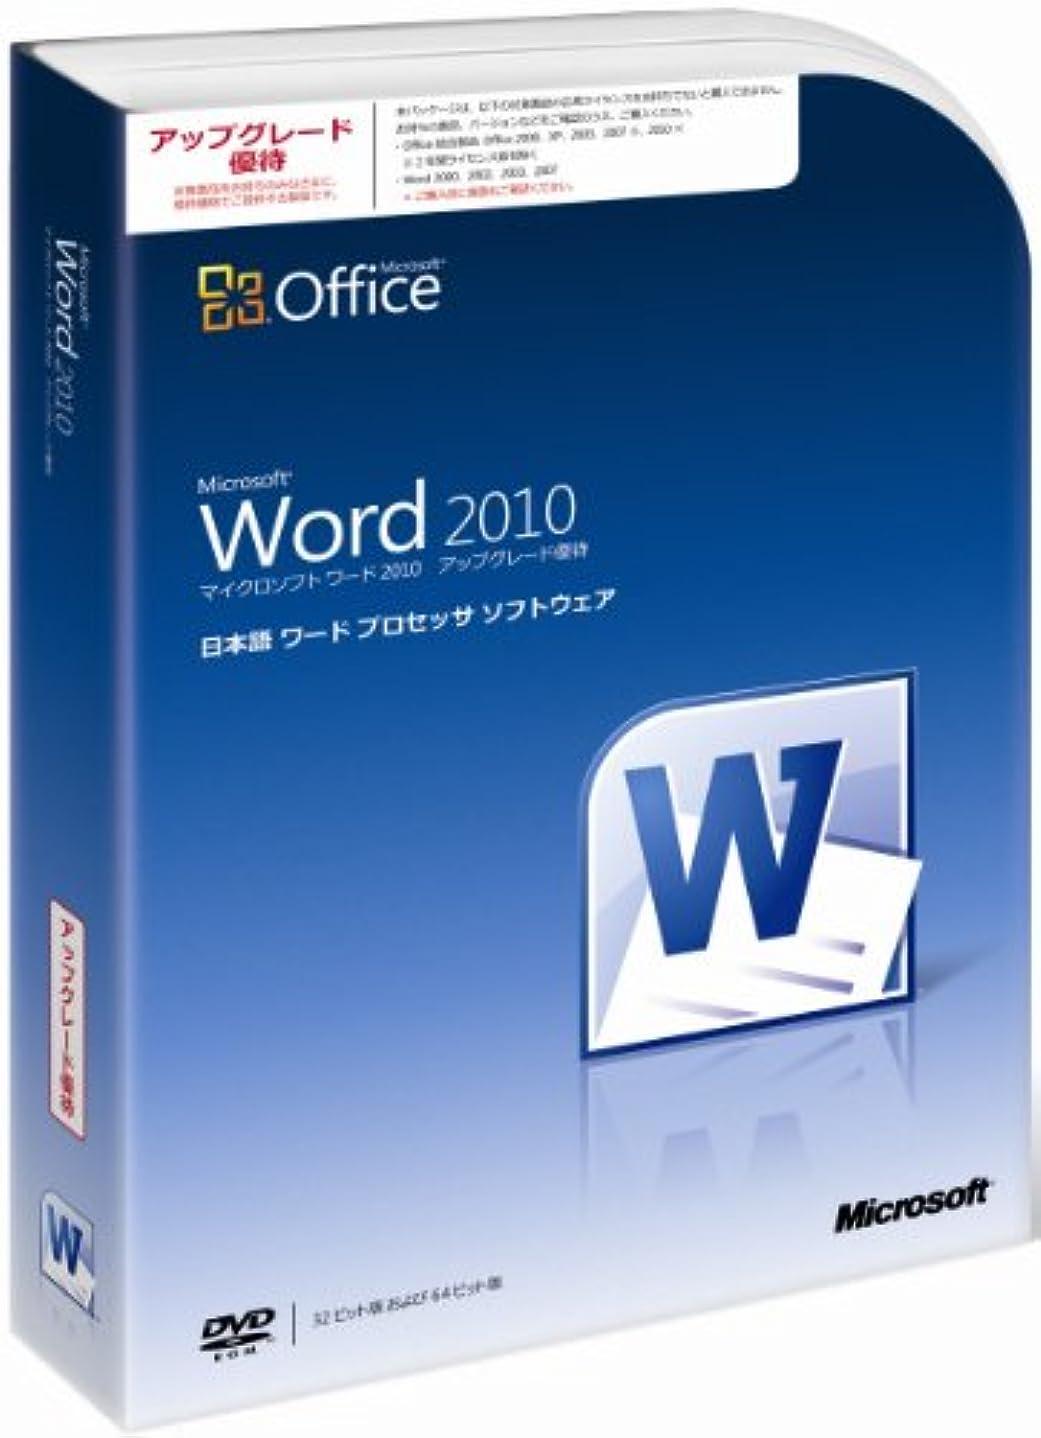 憤るの前で接触【旧商品】Microsoft Office Word 2010 アップグレード優待 [パッケージ]